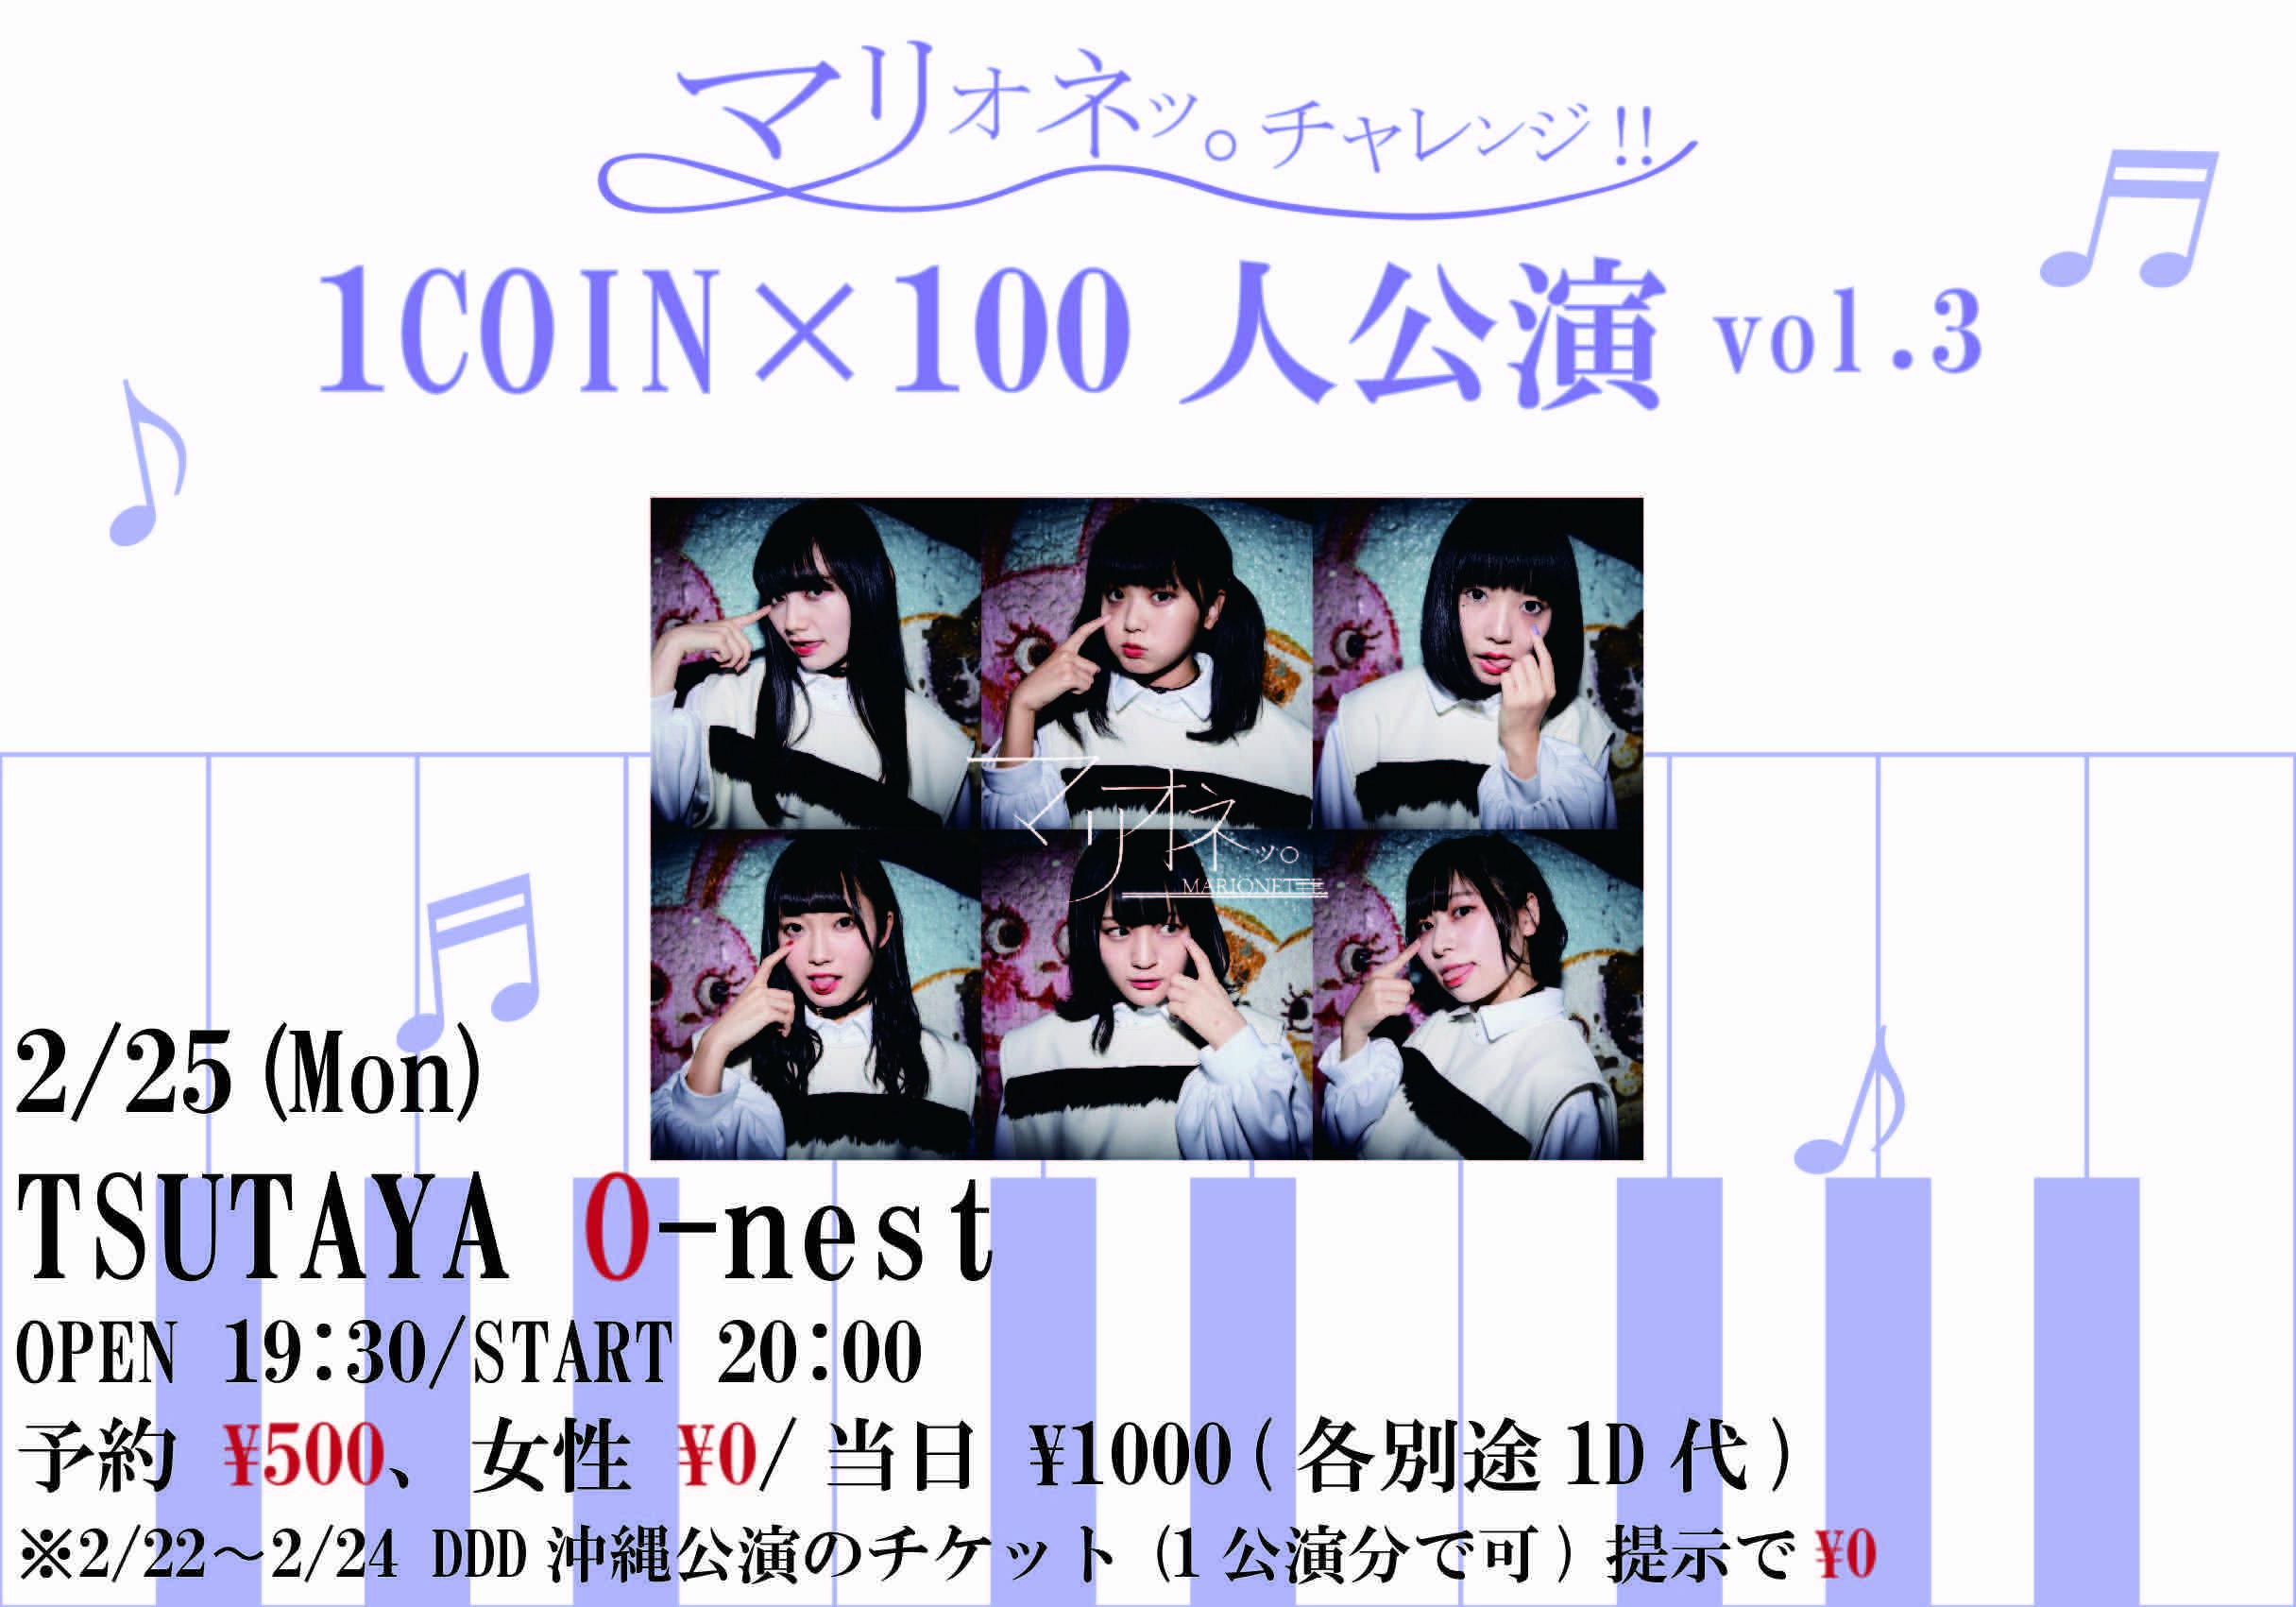 マリオネッ。チャレンジ!!『1COIN×100人公演 vol.3』